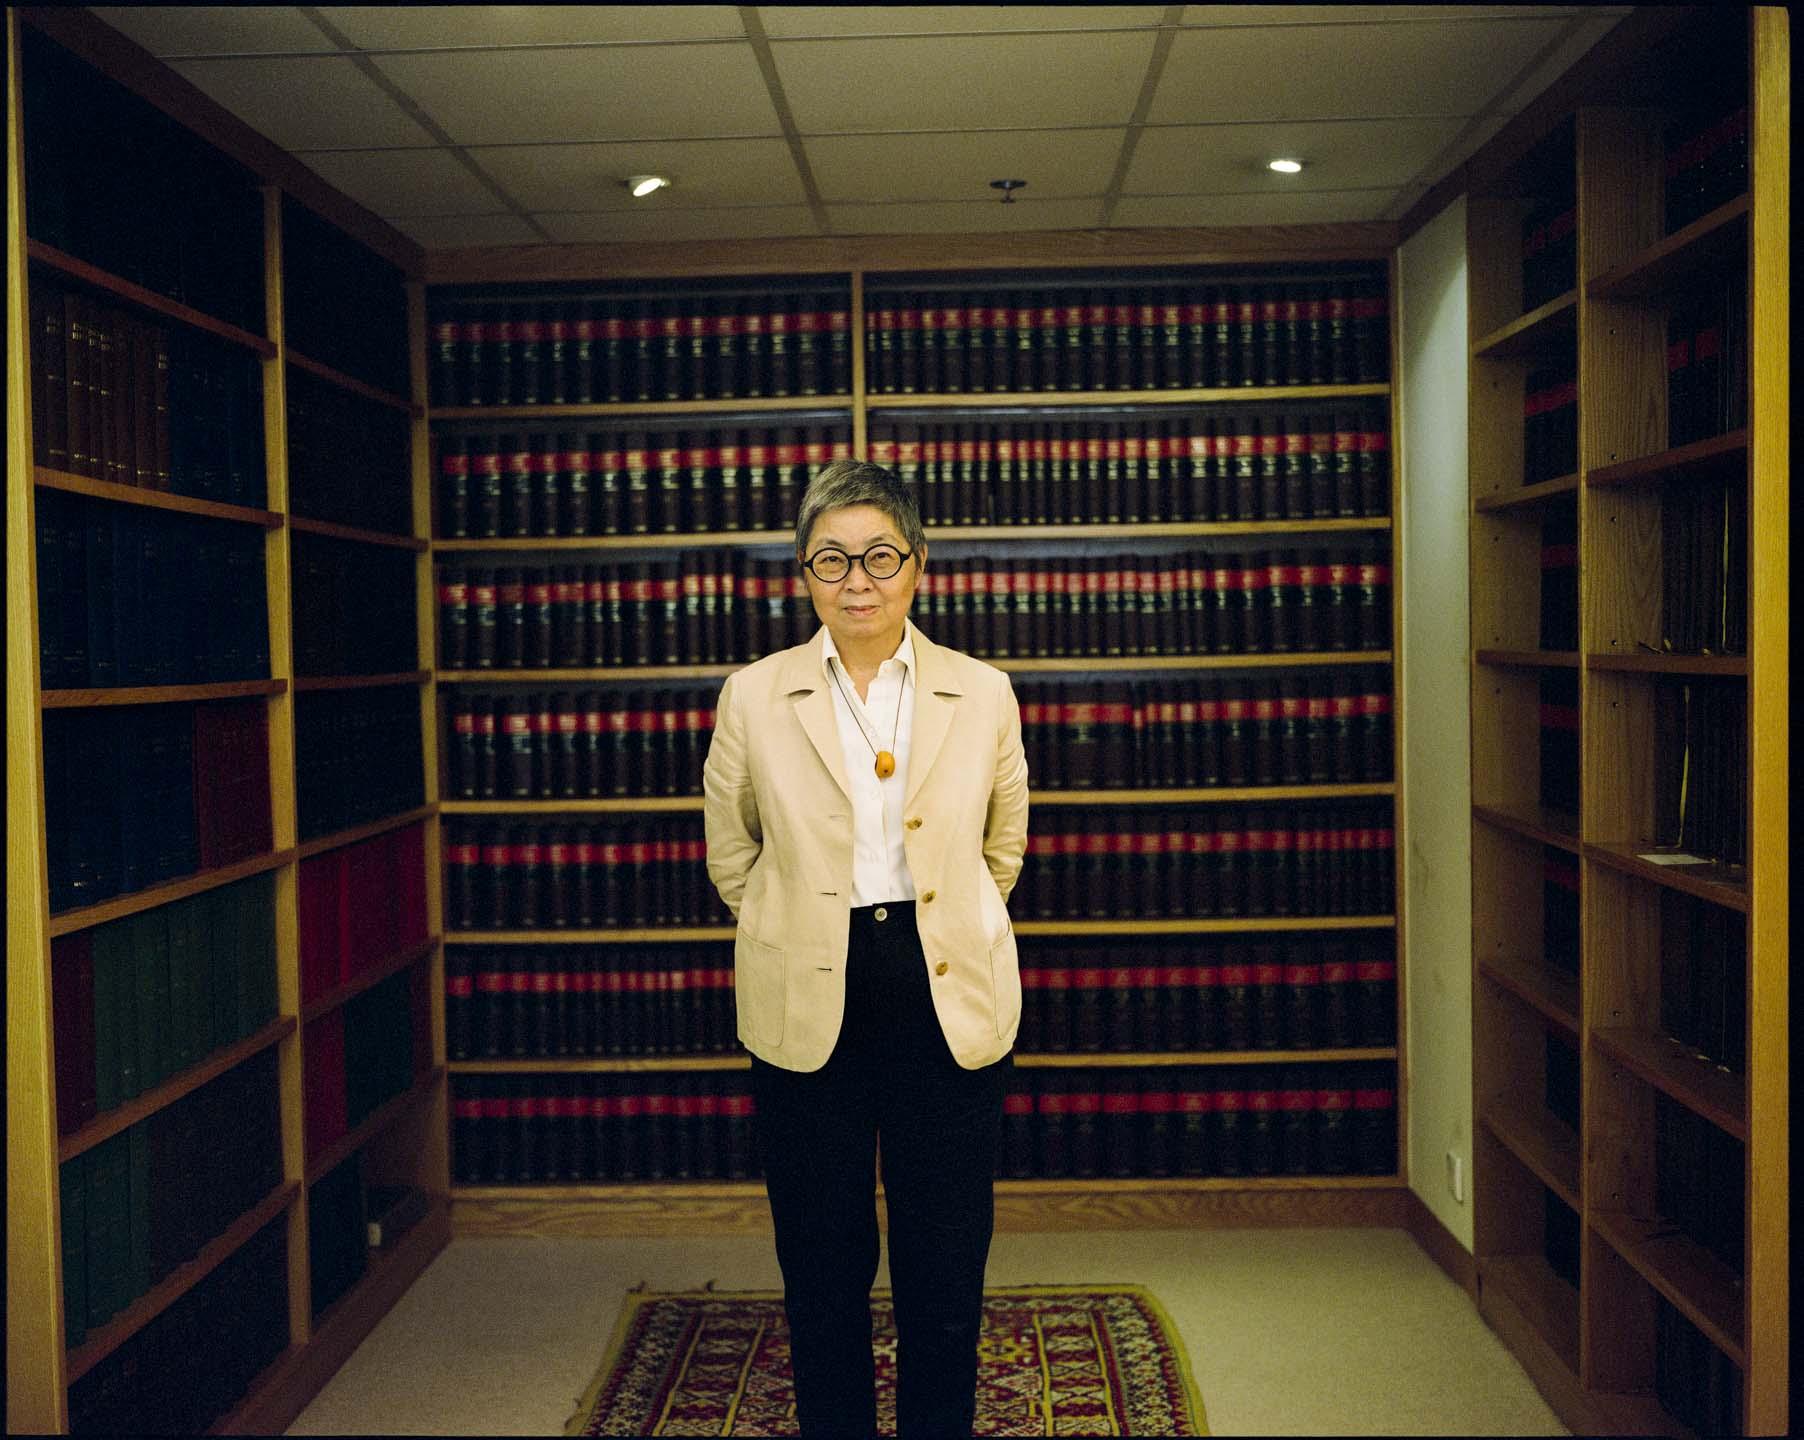 吳靄儀的首部回憶錄《拱心石下——從政十八年》即將出版,紀錄她從政多年的經歷,見證香港20年政治及法治變遷。 攝:林振東/端傳媒